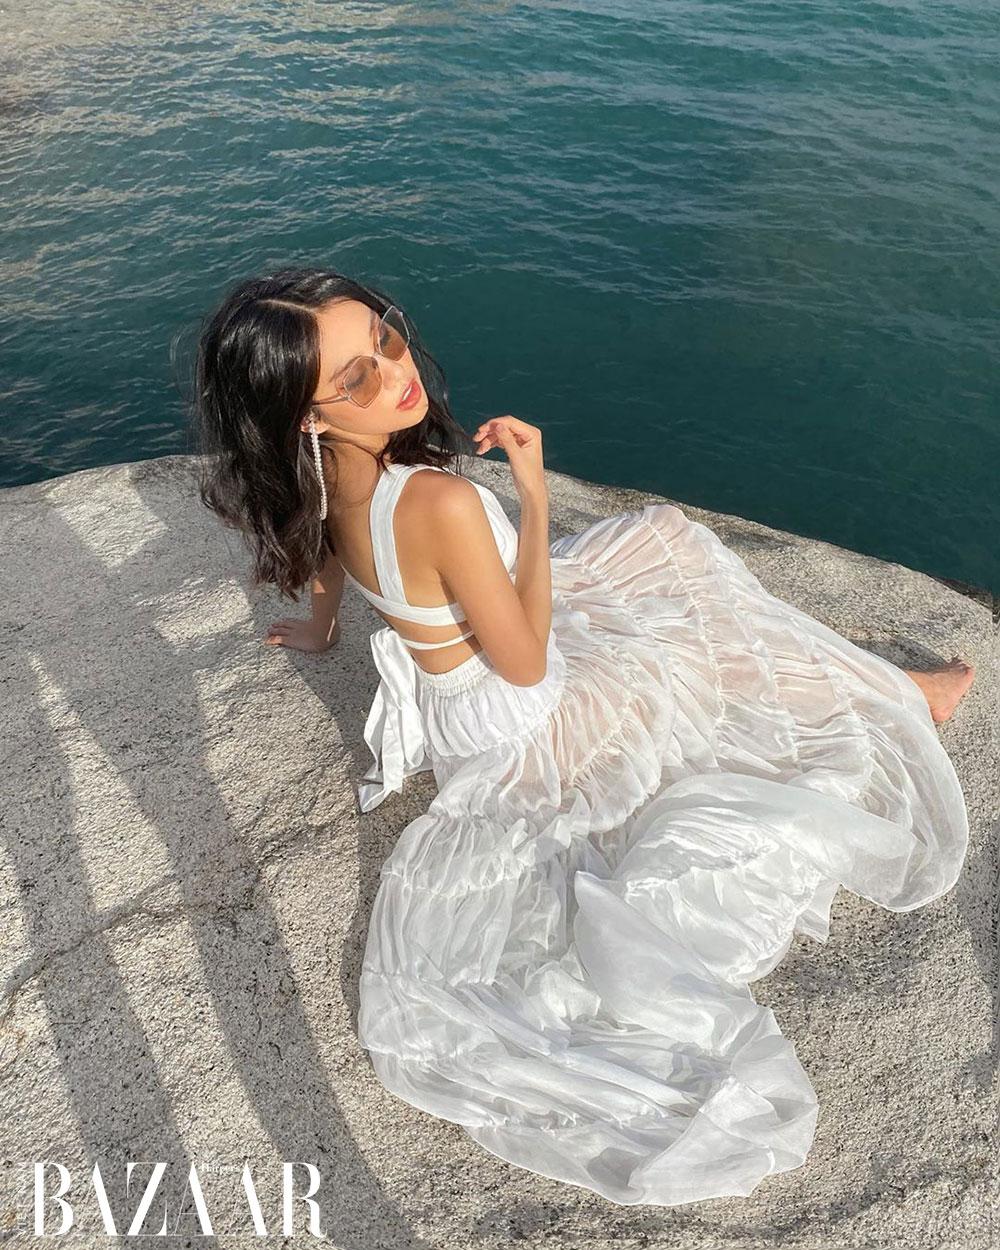 Thảo Nhi Lê mặc đầm trắng đi biển DAPHALE Studio